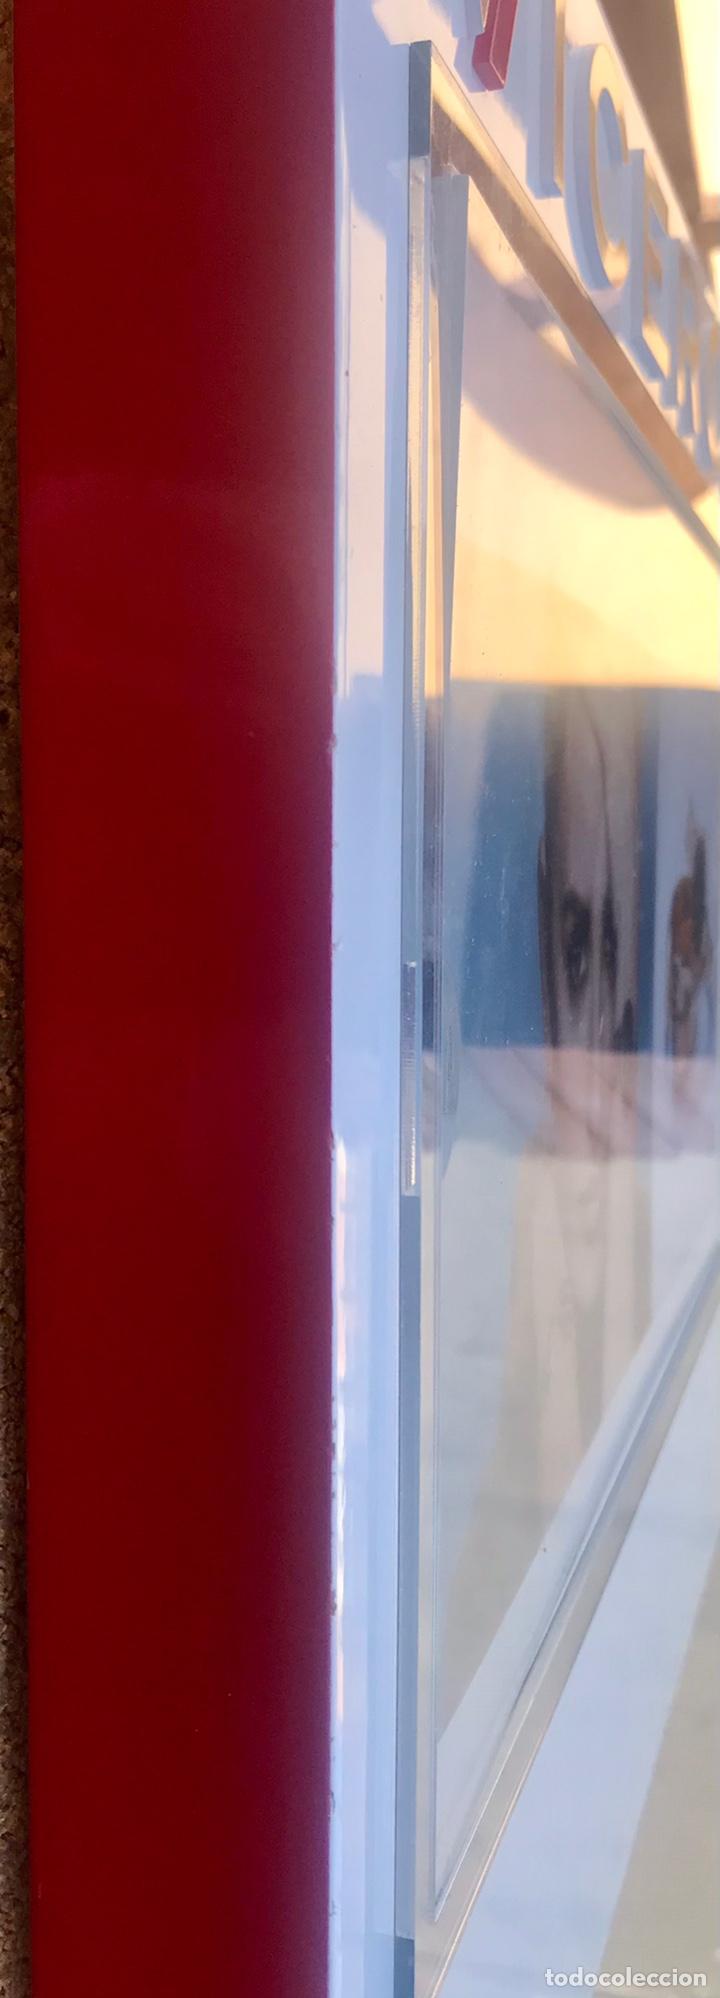 Relojes - Viceroy: CUADRO PUBLICIDAD VICEROY CON FOTOGRAFIA PENELOPE CRUZ - CARTEL 36 x 45 CM RAREZA MODELO KATE BOCK - Foto 5 - 262581685